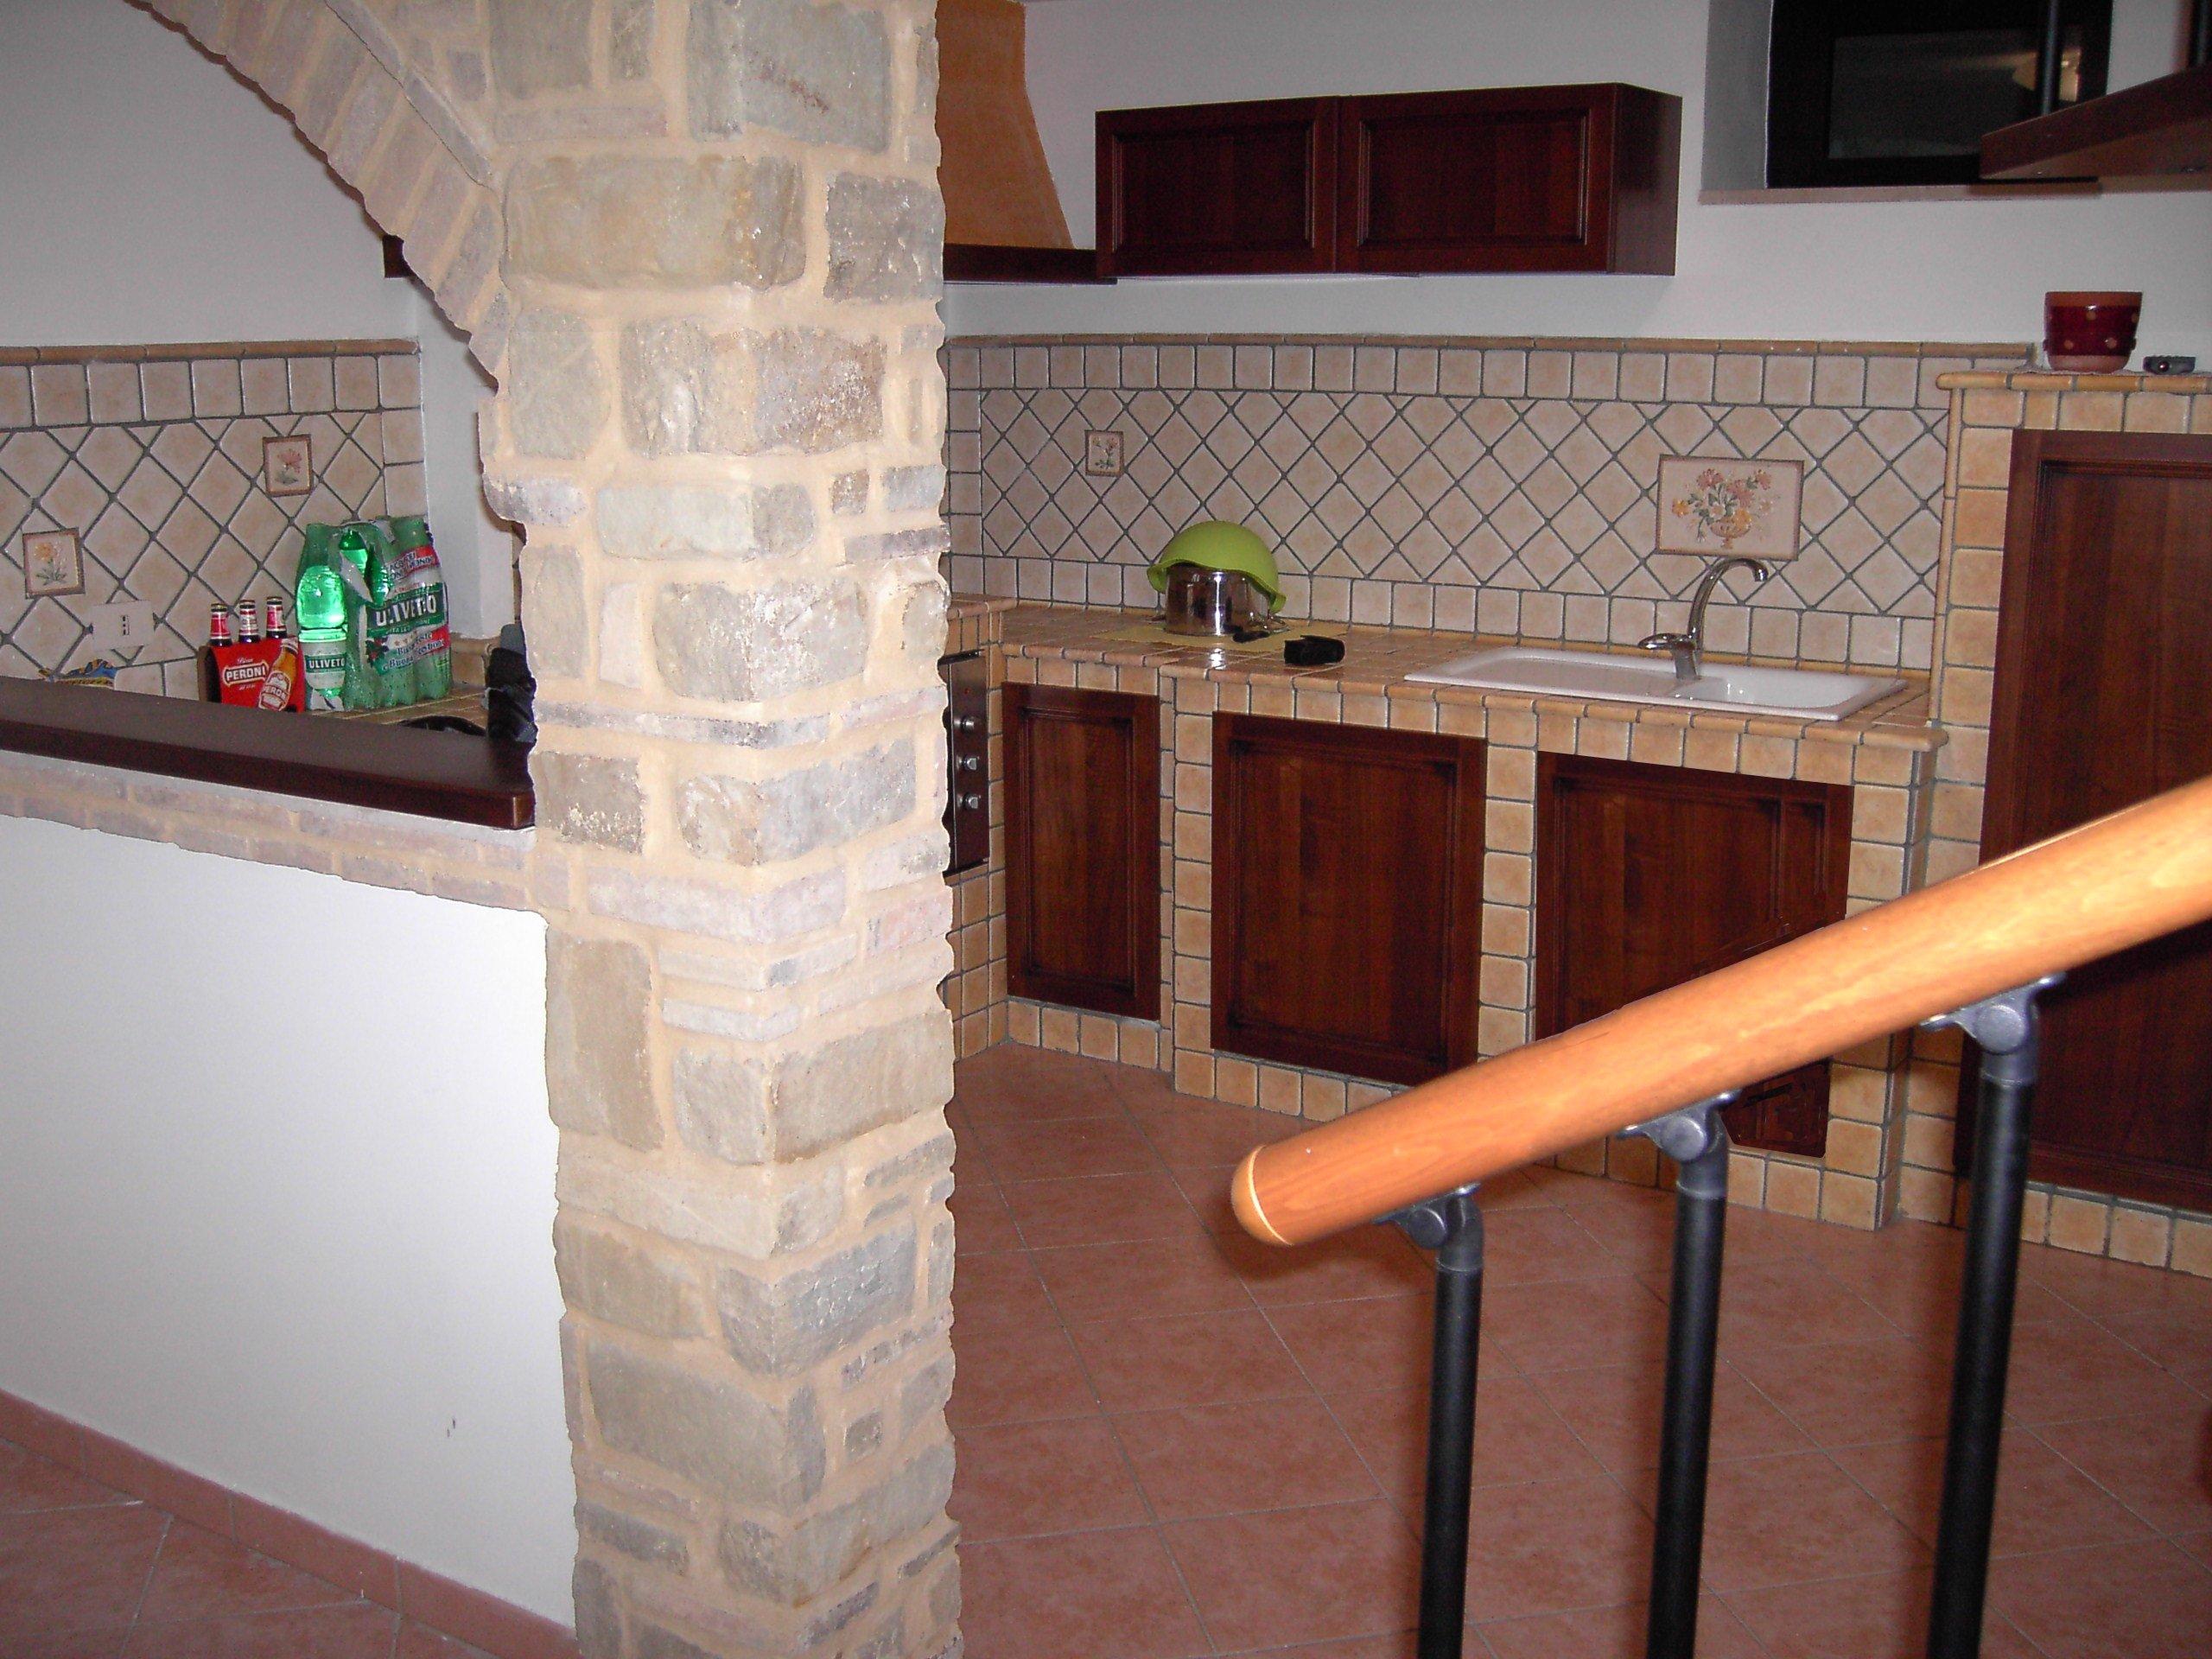 Cucina Piccole Dimensioni. Interesting Come Arredare Una Cucina ...